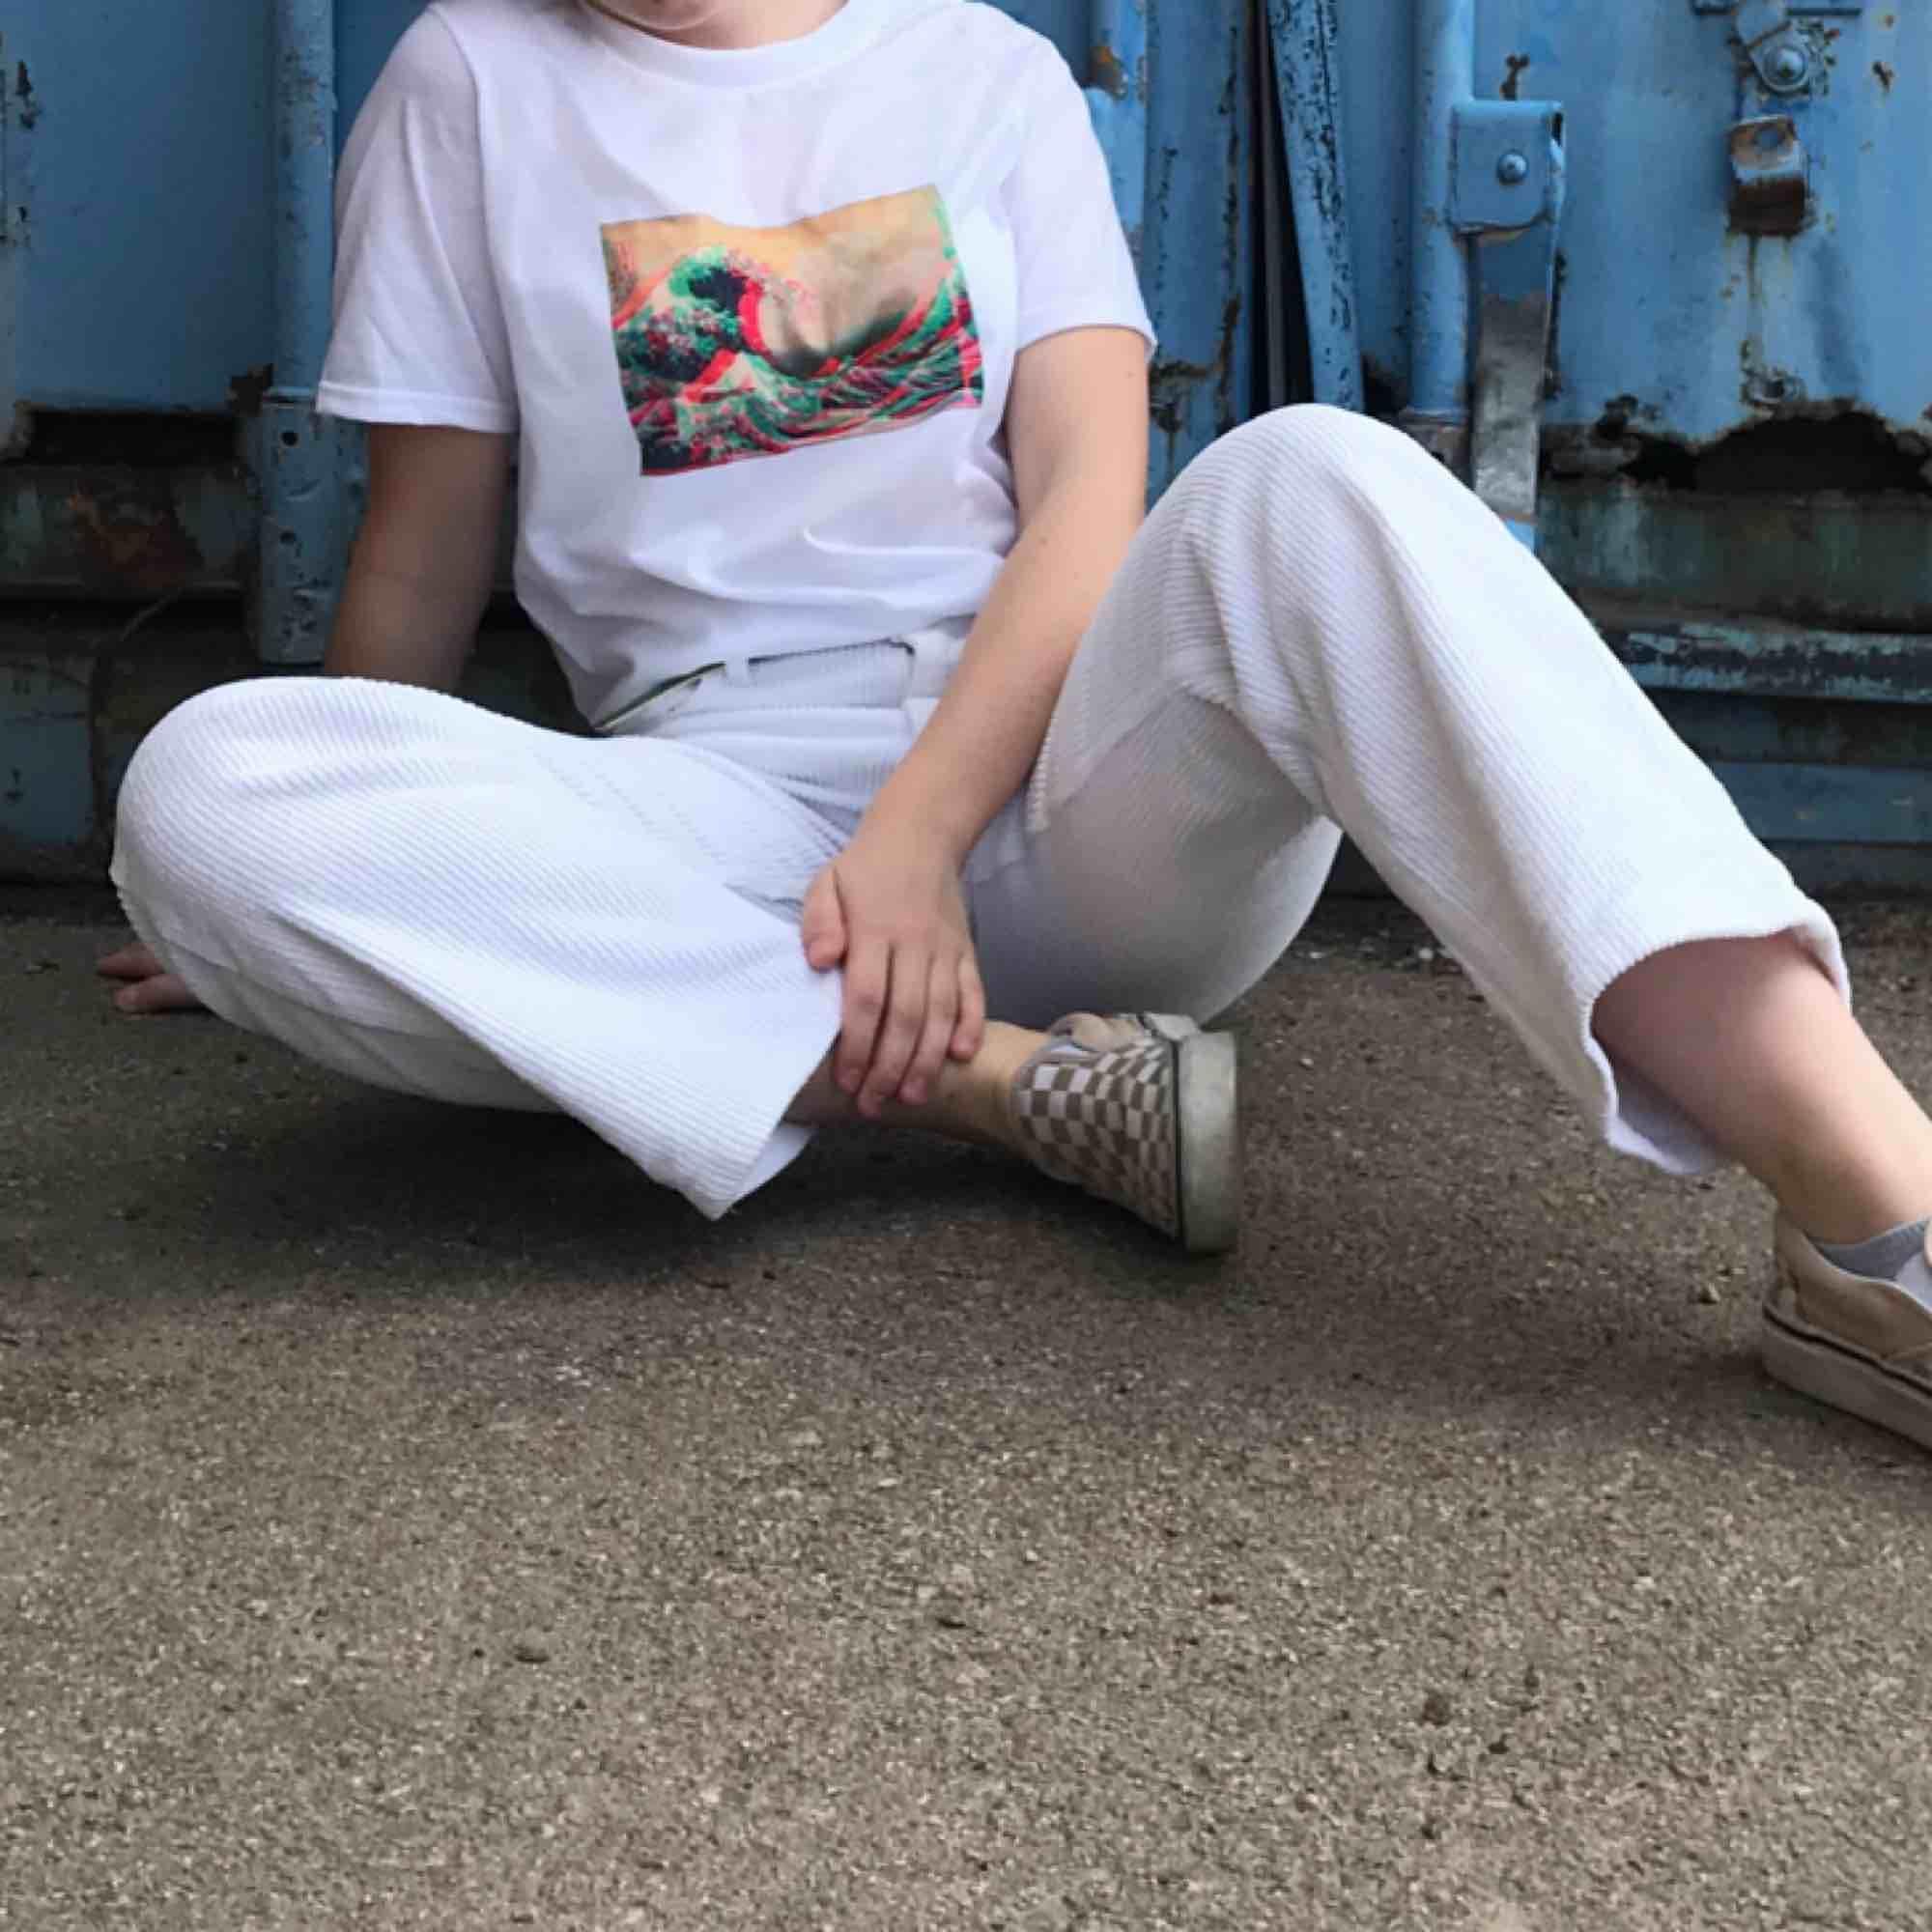 🧨THE GREAT *GLITCHY* WAVE TEE 💥Finns i S-XL i en unisex modell🧨Kontaka via plick eller maila theteeandtee@gmail.com för att beställa💥🧨GRATIS frakt över hela landet!. T-shirts.